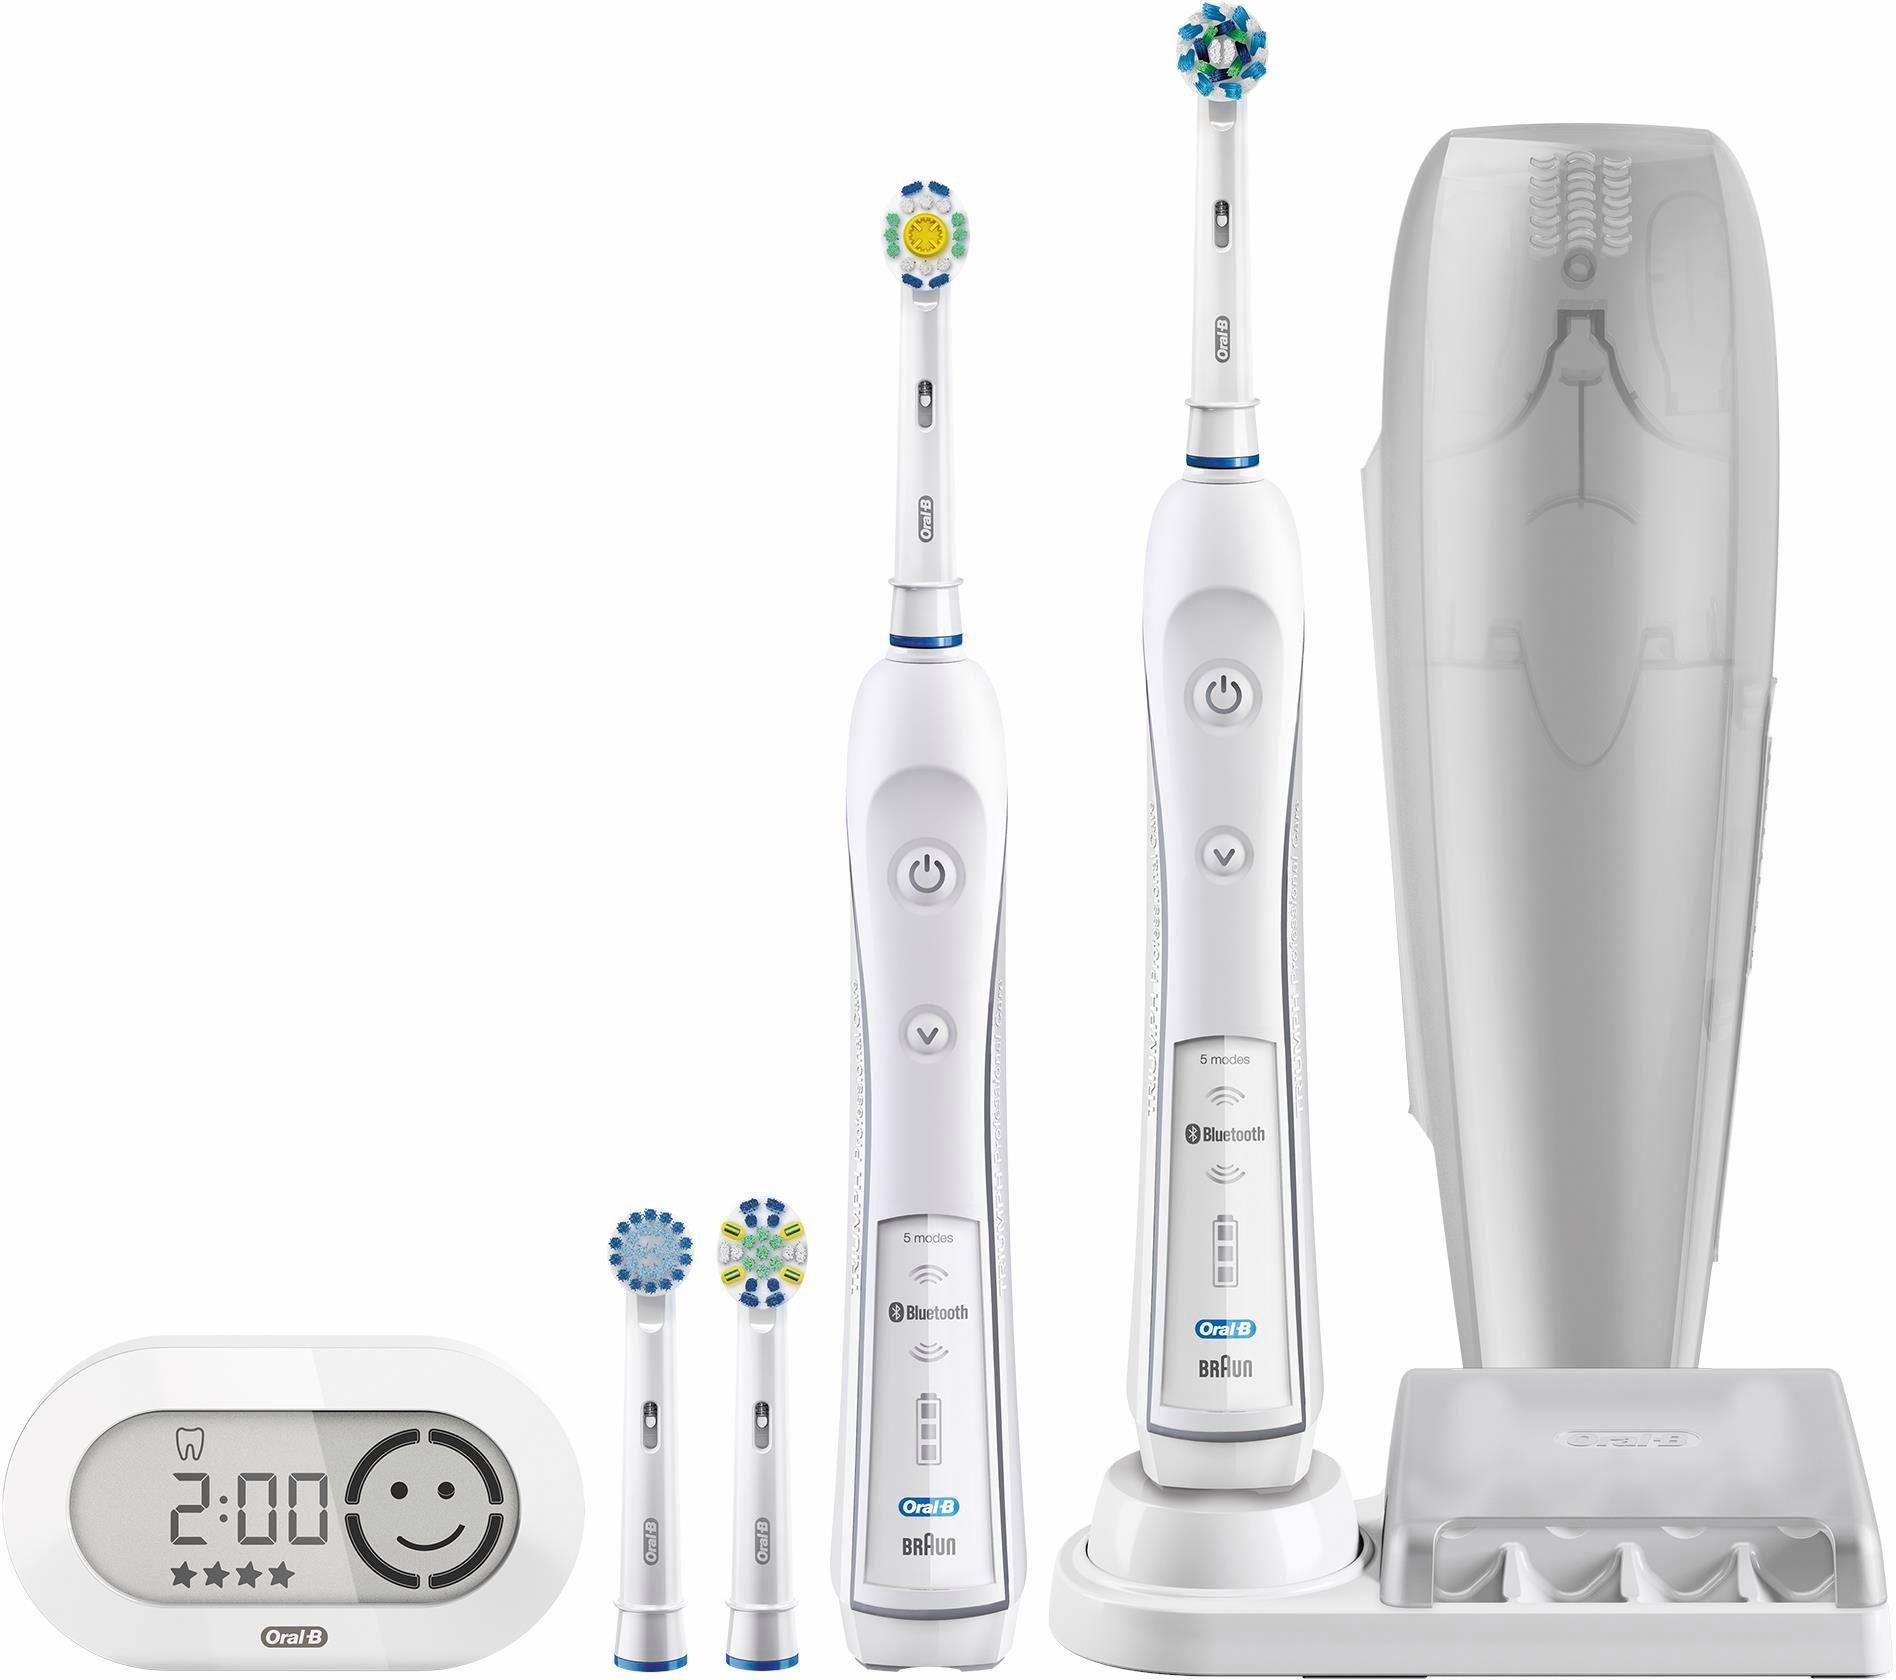 Oral-B Elektrische Zahnbürste PRO 6500, mit 2. Handstück & Bluetooth